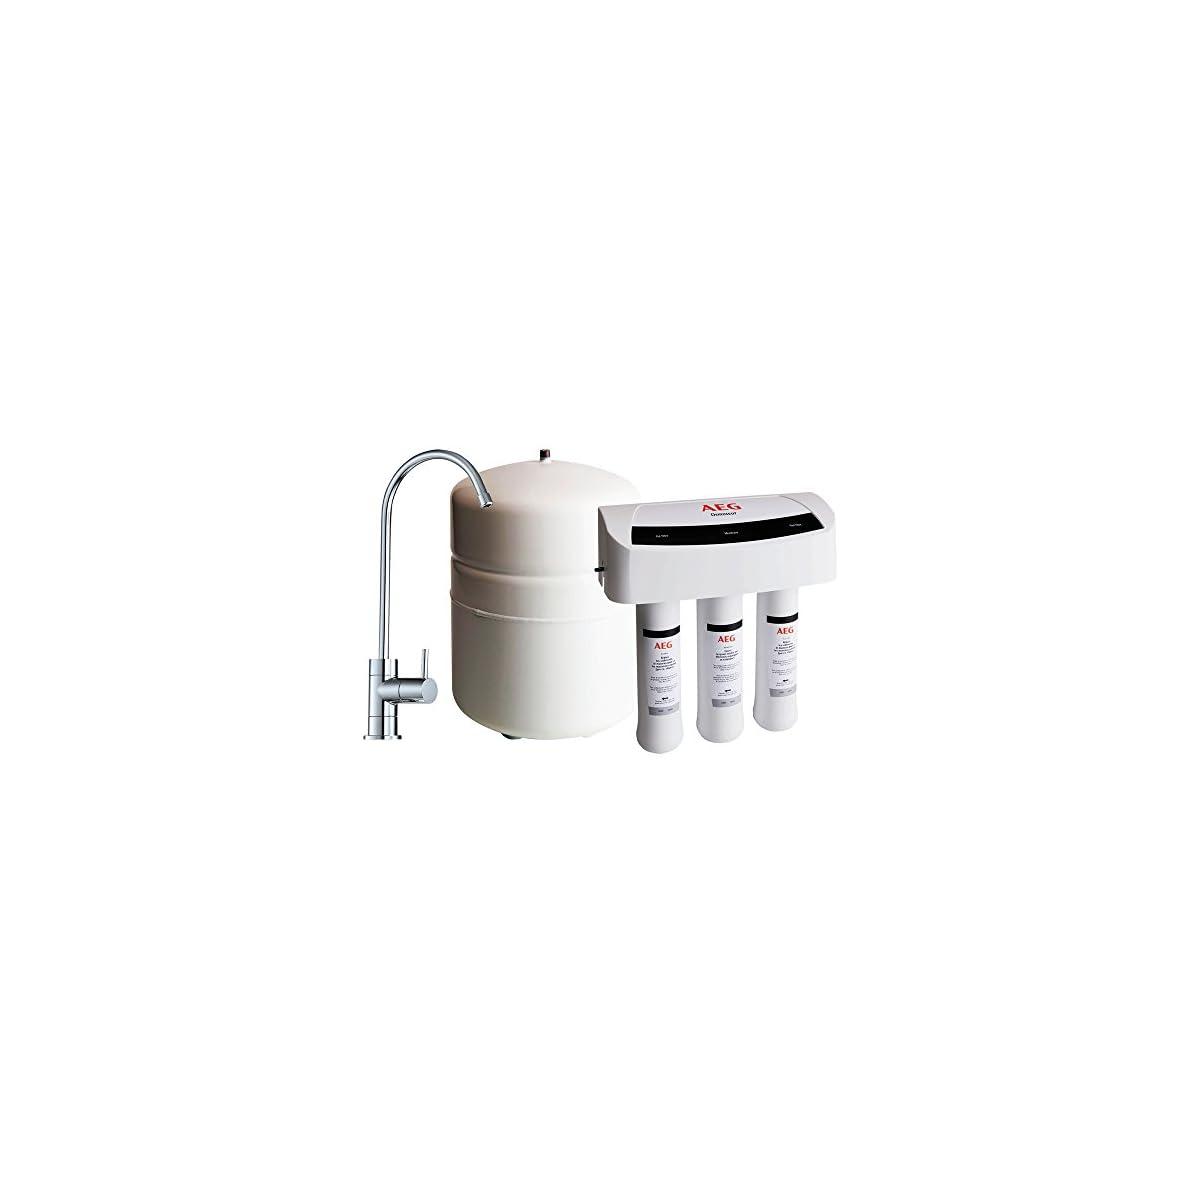 41I f%2BxapQL. SS1200  - AEG AEGRO Equipo de ósmosis inversa para la filtración de agua potable que se puede instalar directamente debajo del fregadero, Blanco